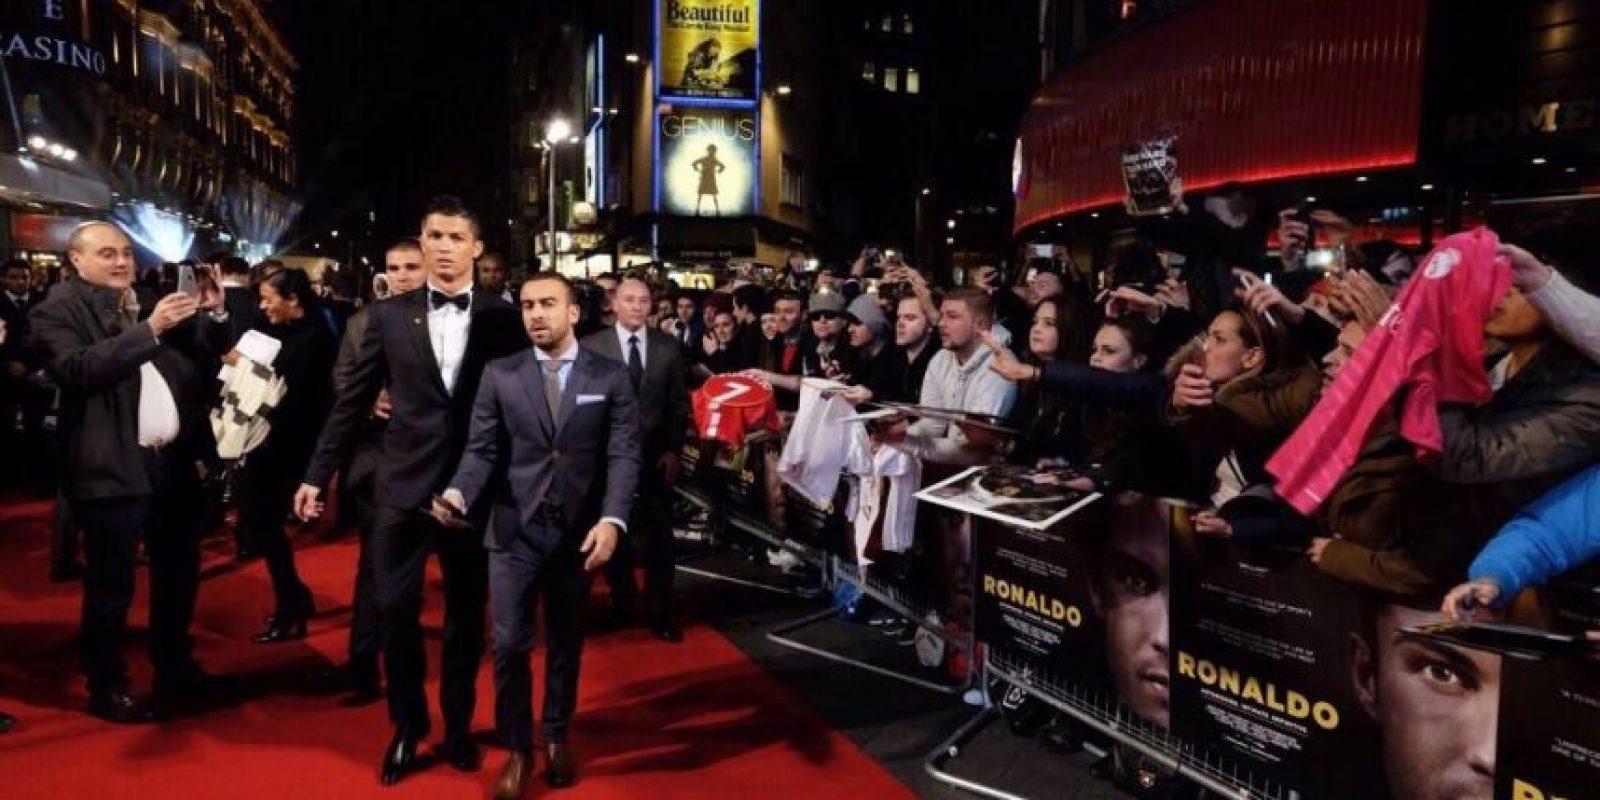 """Este 9 de noviembre se estrenó """"Ronaldo"""", el documental que narra la vida del astro portugués Cristiano Ronaldo. Foto:Vía facebook.com/RonaldoFilm"""